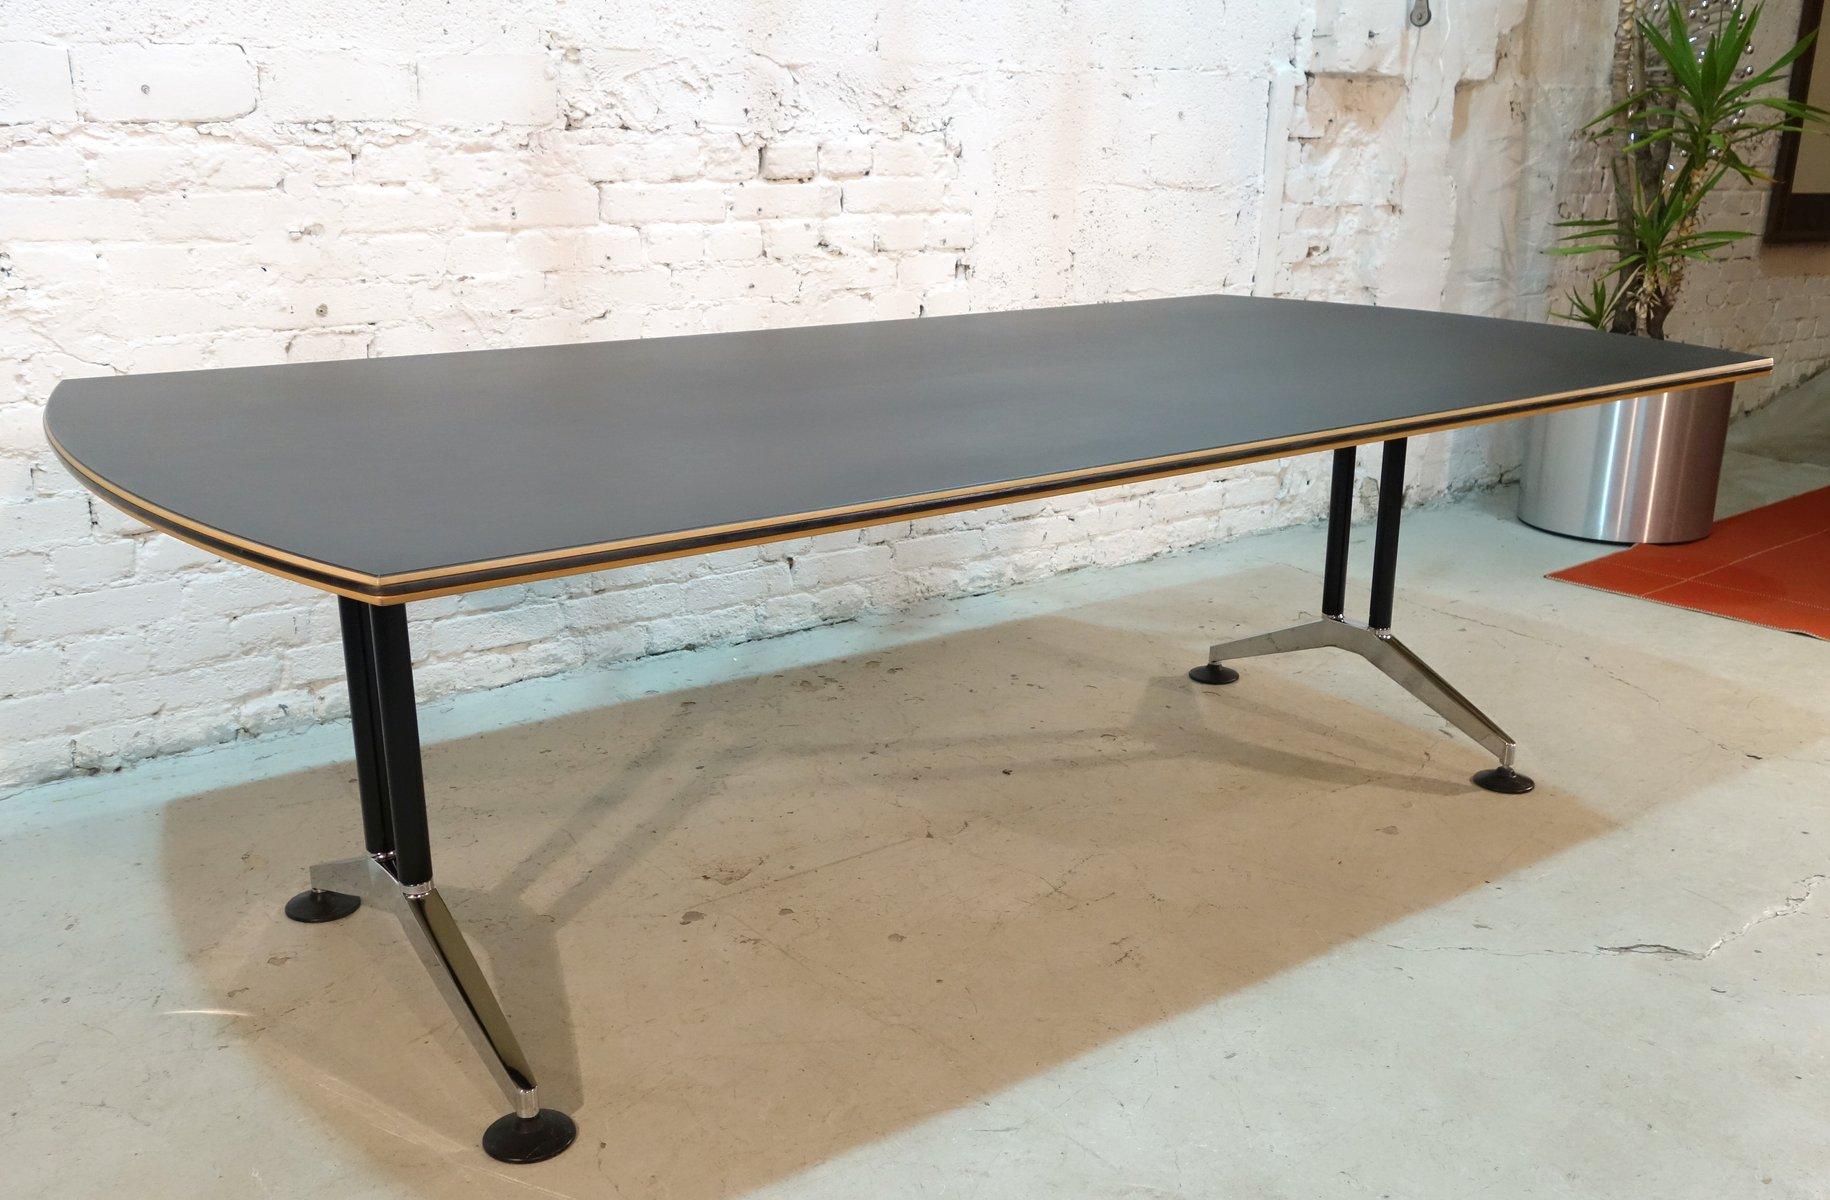 gro er tisch von andreas st riko f r wilkhahn 1990er bei pamono kaufen. Black Bedroom Furniture Sets. Home Design Ideas